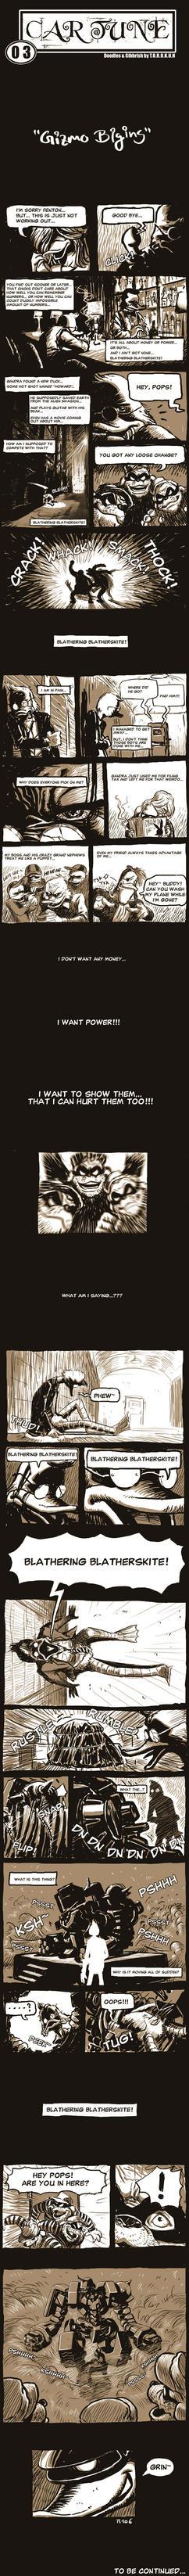 Gizmo Duck Fan Comic by torokun